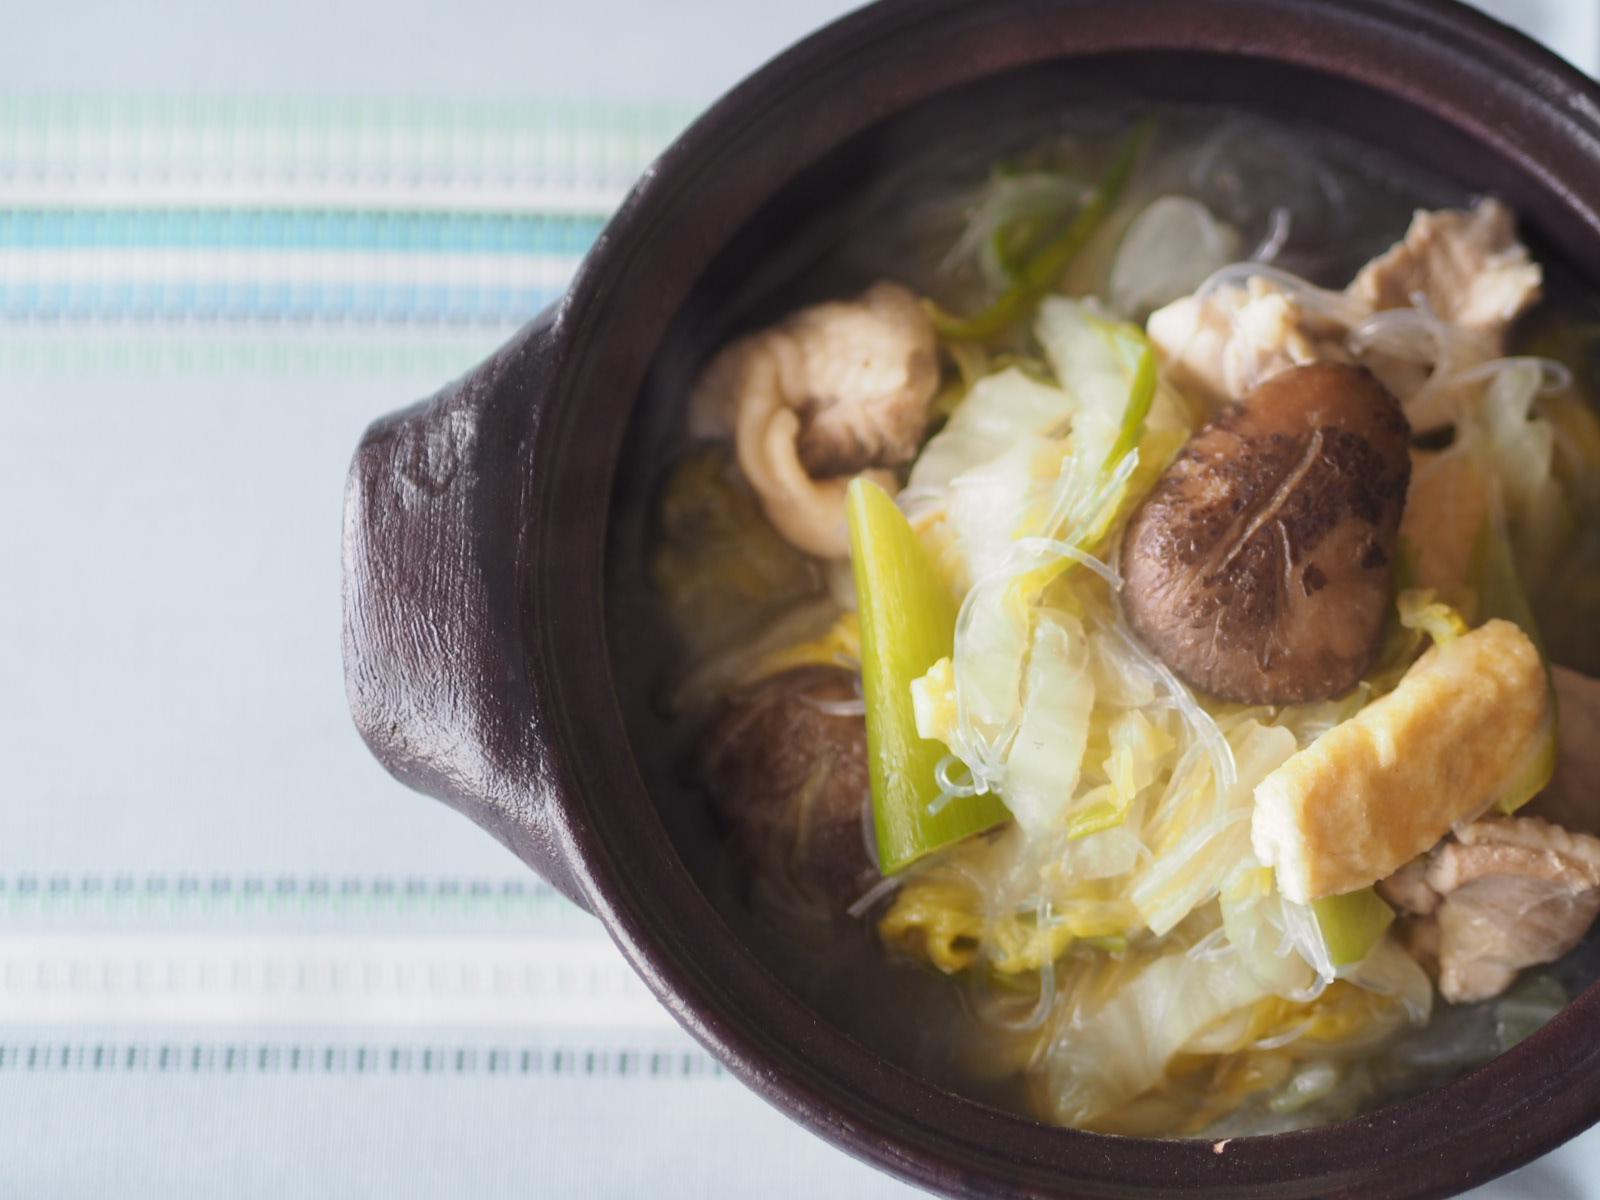 【レシピ】鶏肉と白菜の具沢山スープ鍋で体の芯から温めよう!